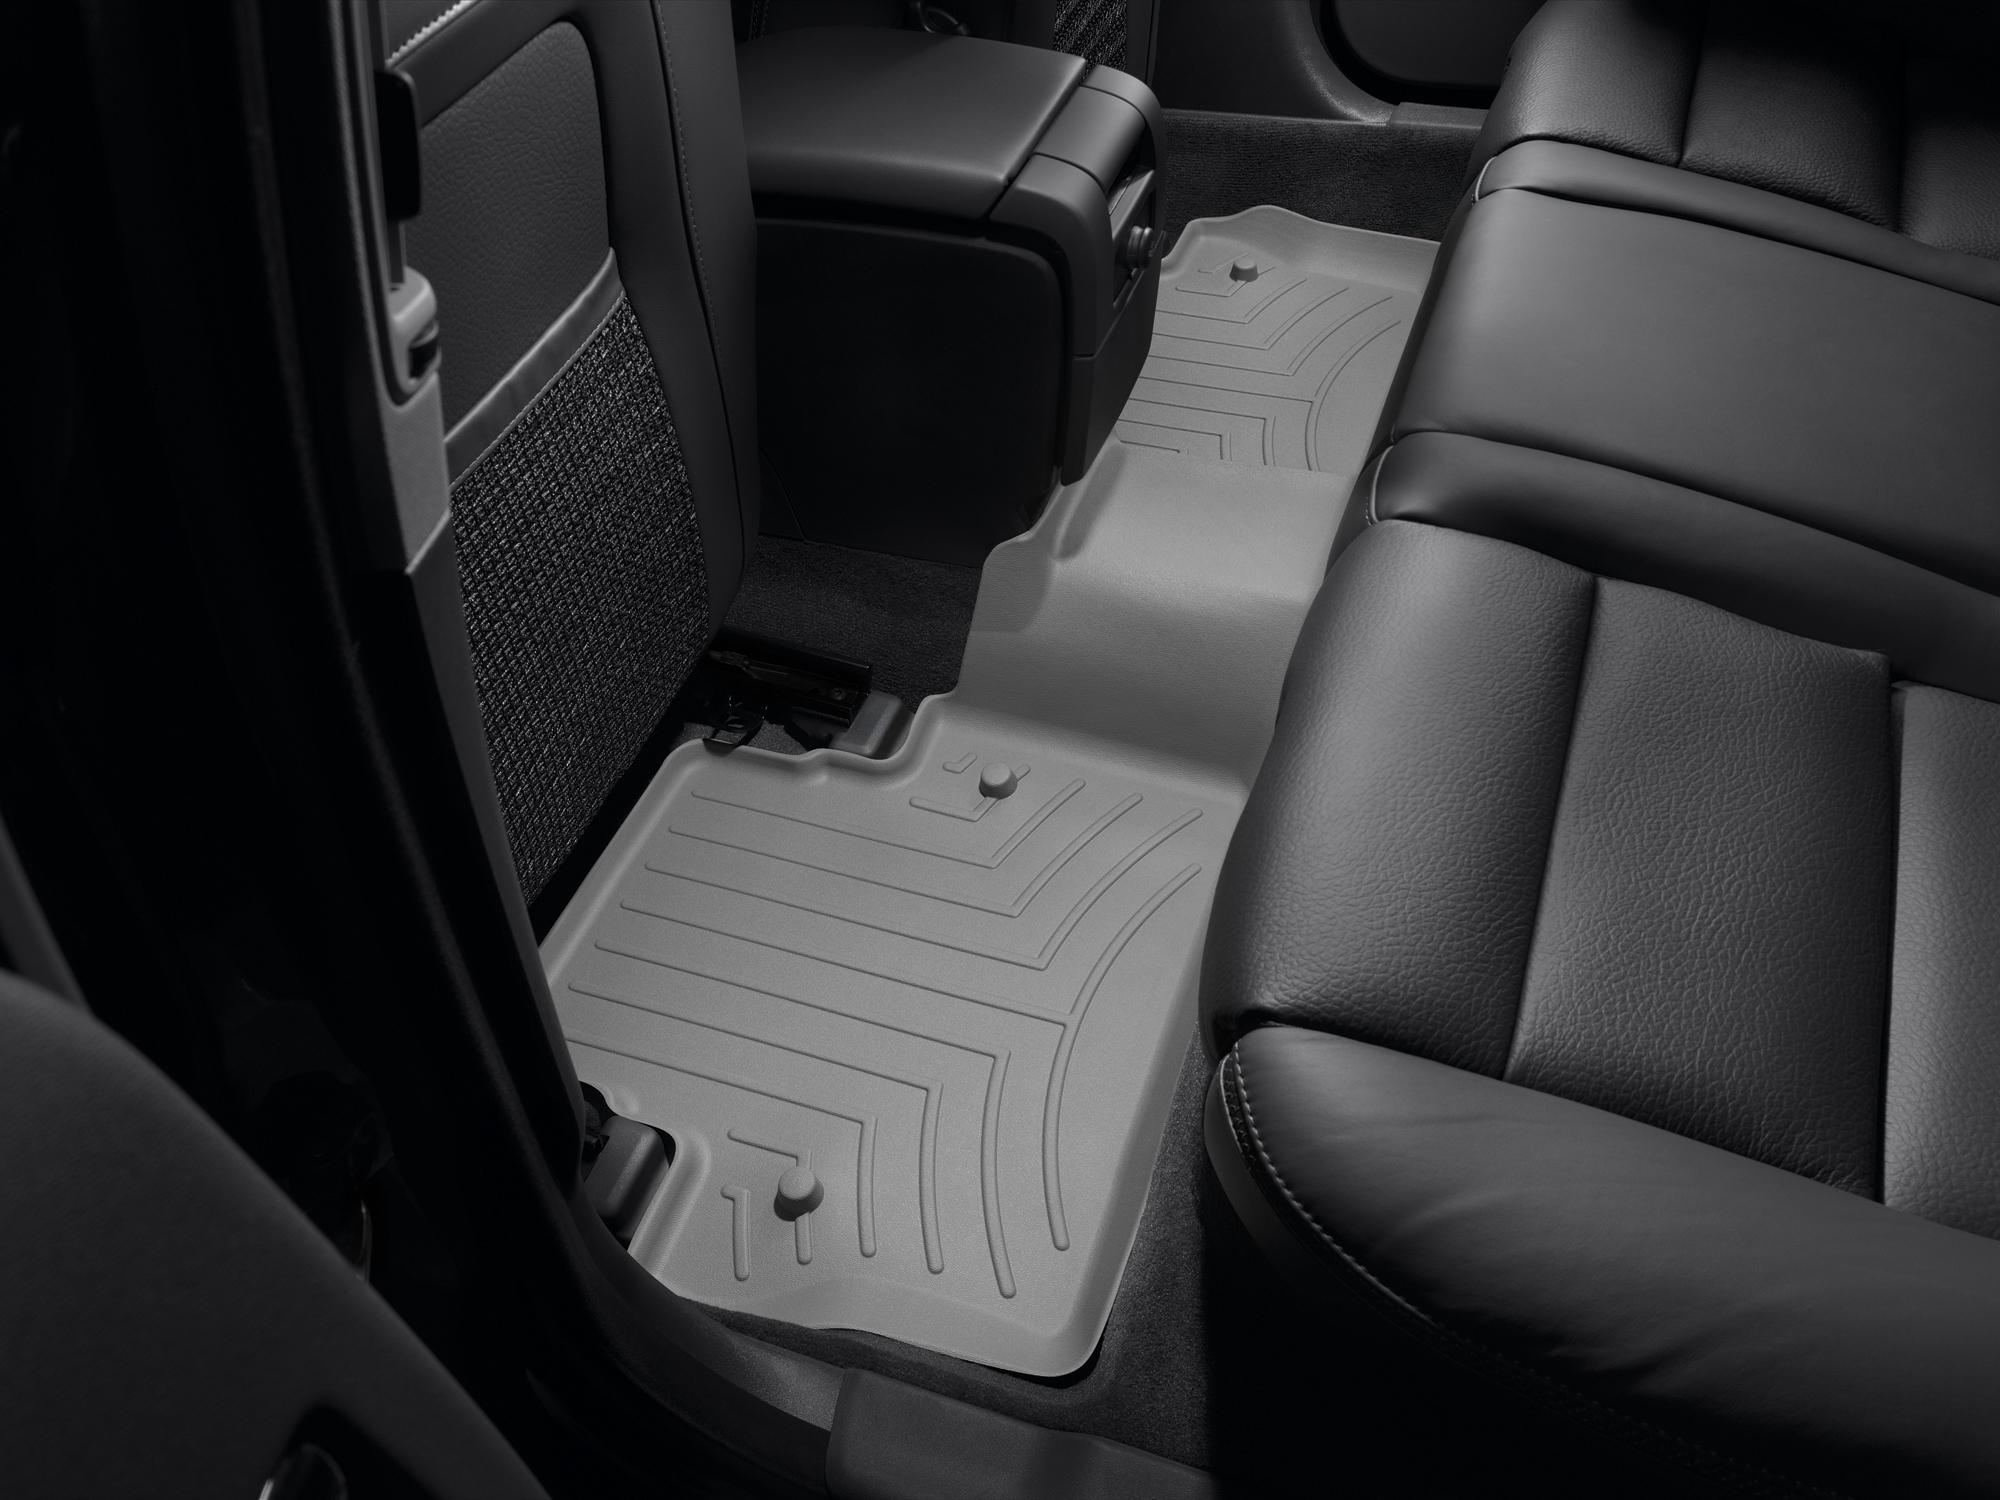 Tappeti gomma su misura bordo alto Volvo XC70 08>17 Grigio A4432*